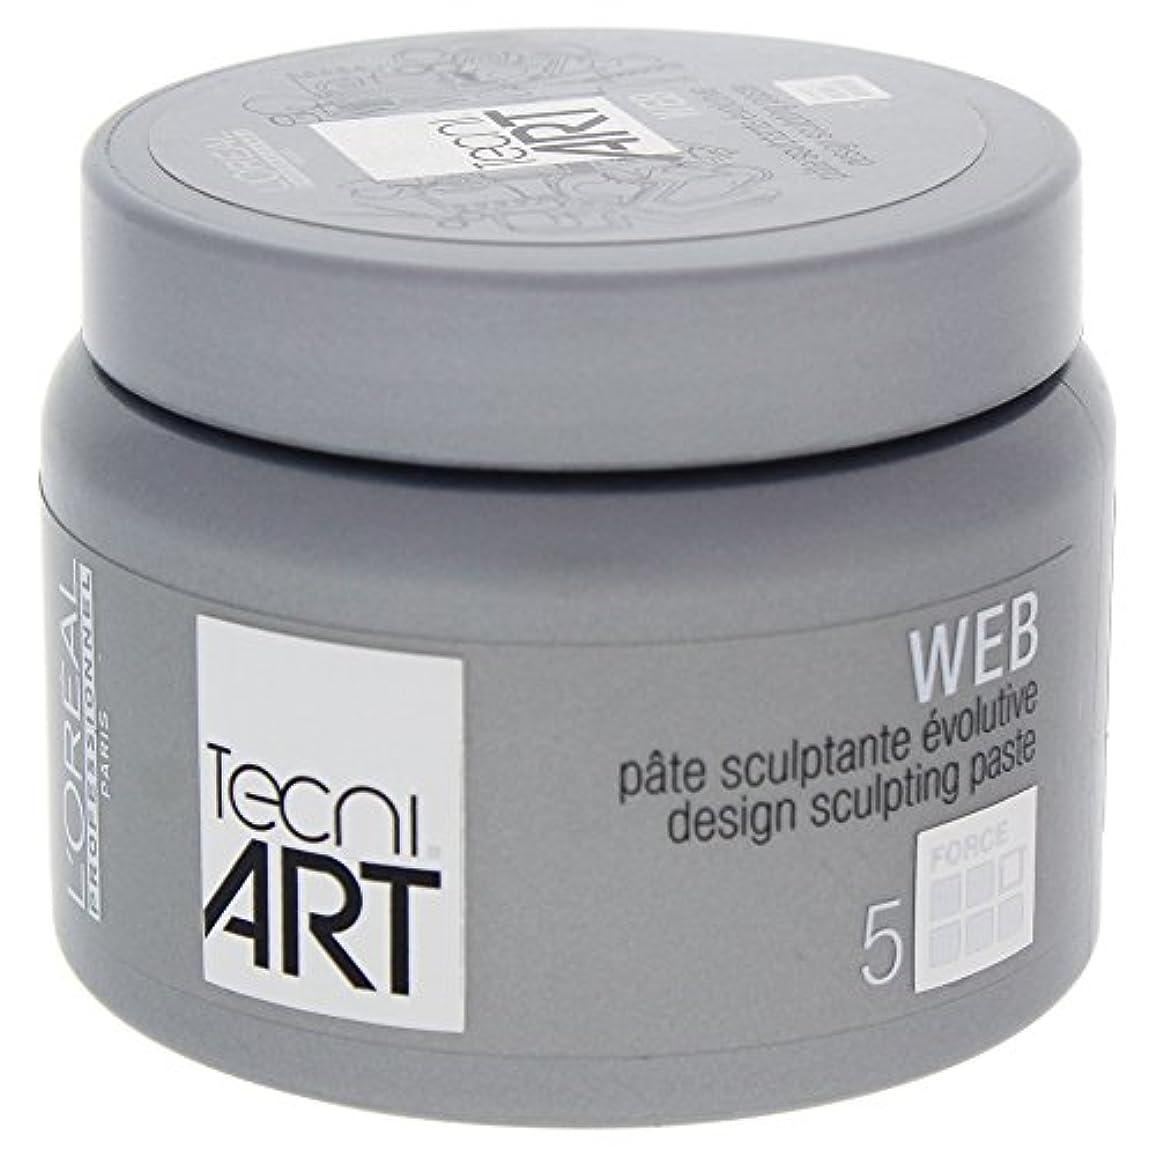 クライアント多様体学習者ロレアルテクニアートTecni Art Force 5 Web Design Sculpting Paste